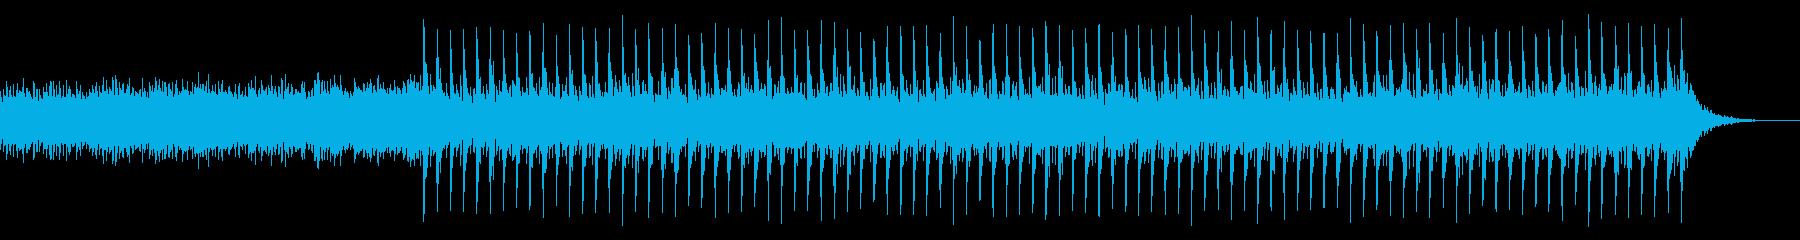 ドキドキ映像・近未来的オープニングEDMの再生済みの波形